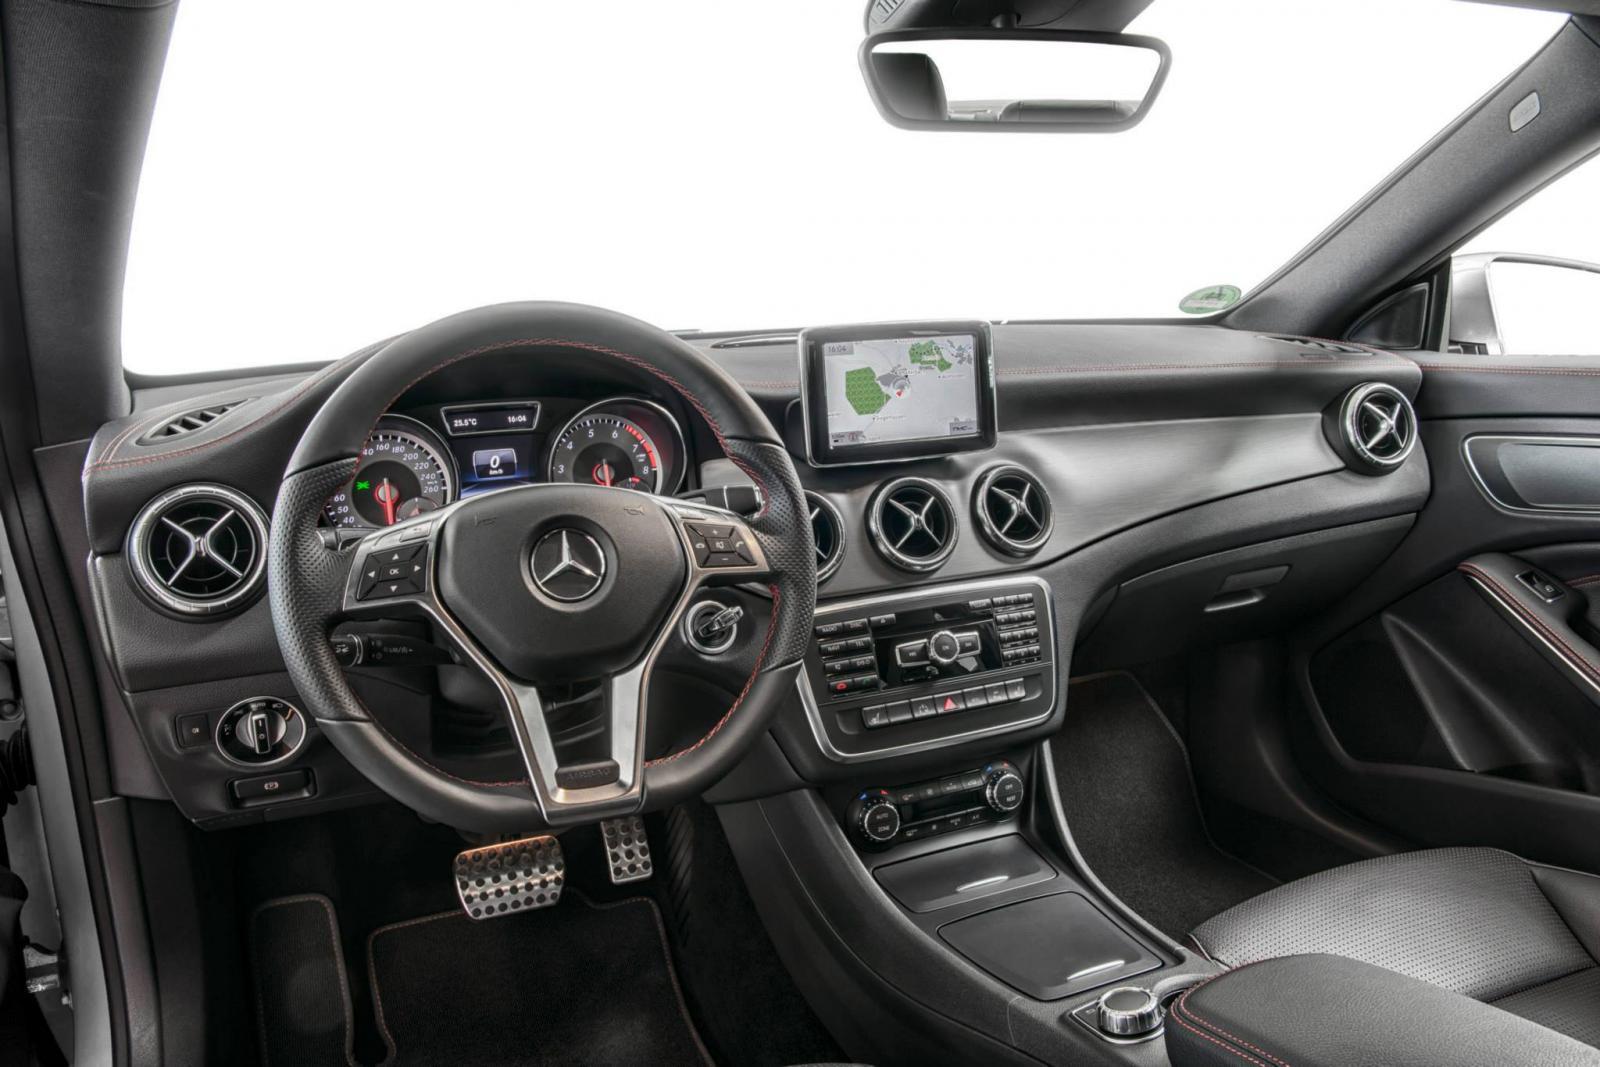 http://images.caradisiac.com/images/9/0/2/2/89022/S0-Toutes-les-nouveautes-du-salon-de-Francfort-2013-Mercedes-CLA-45-AMG-Racing-Series-et-CLA-250-Sports-301620.jpg